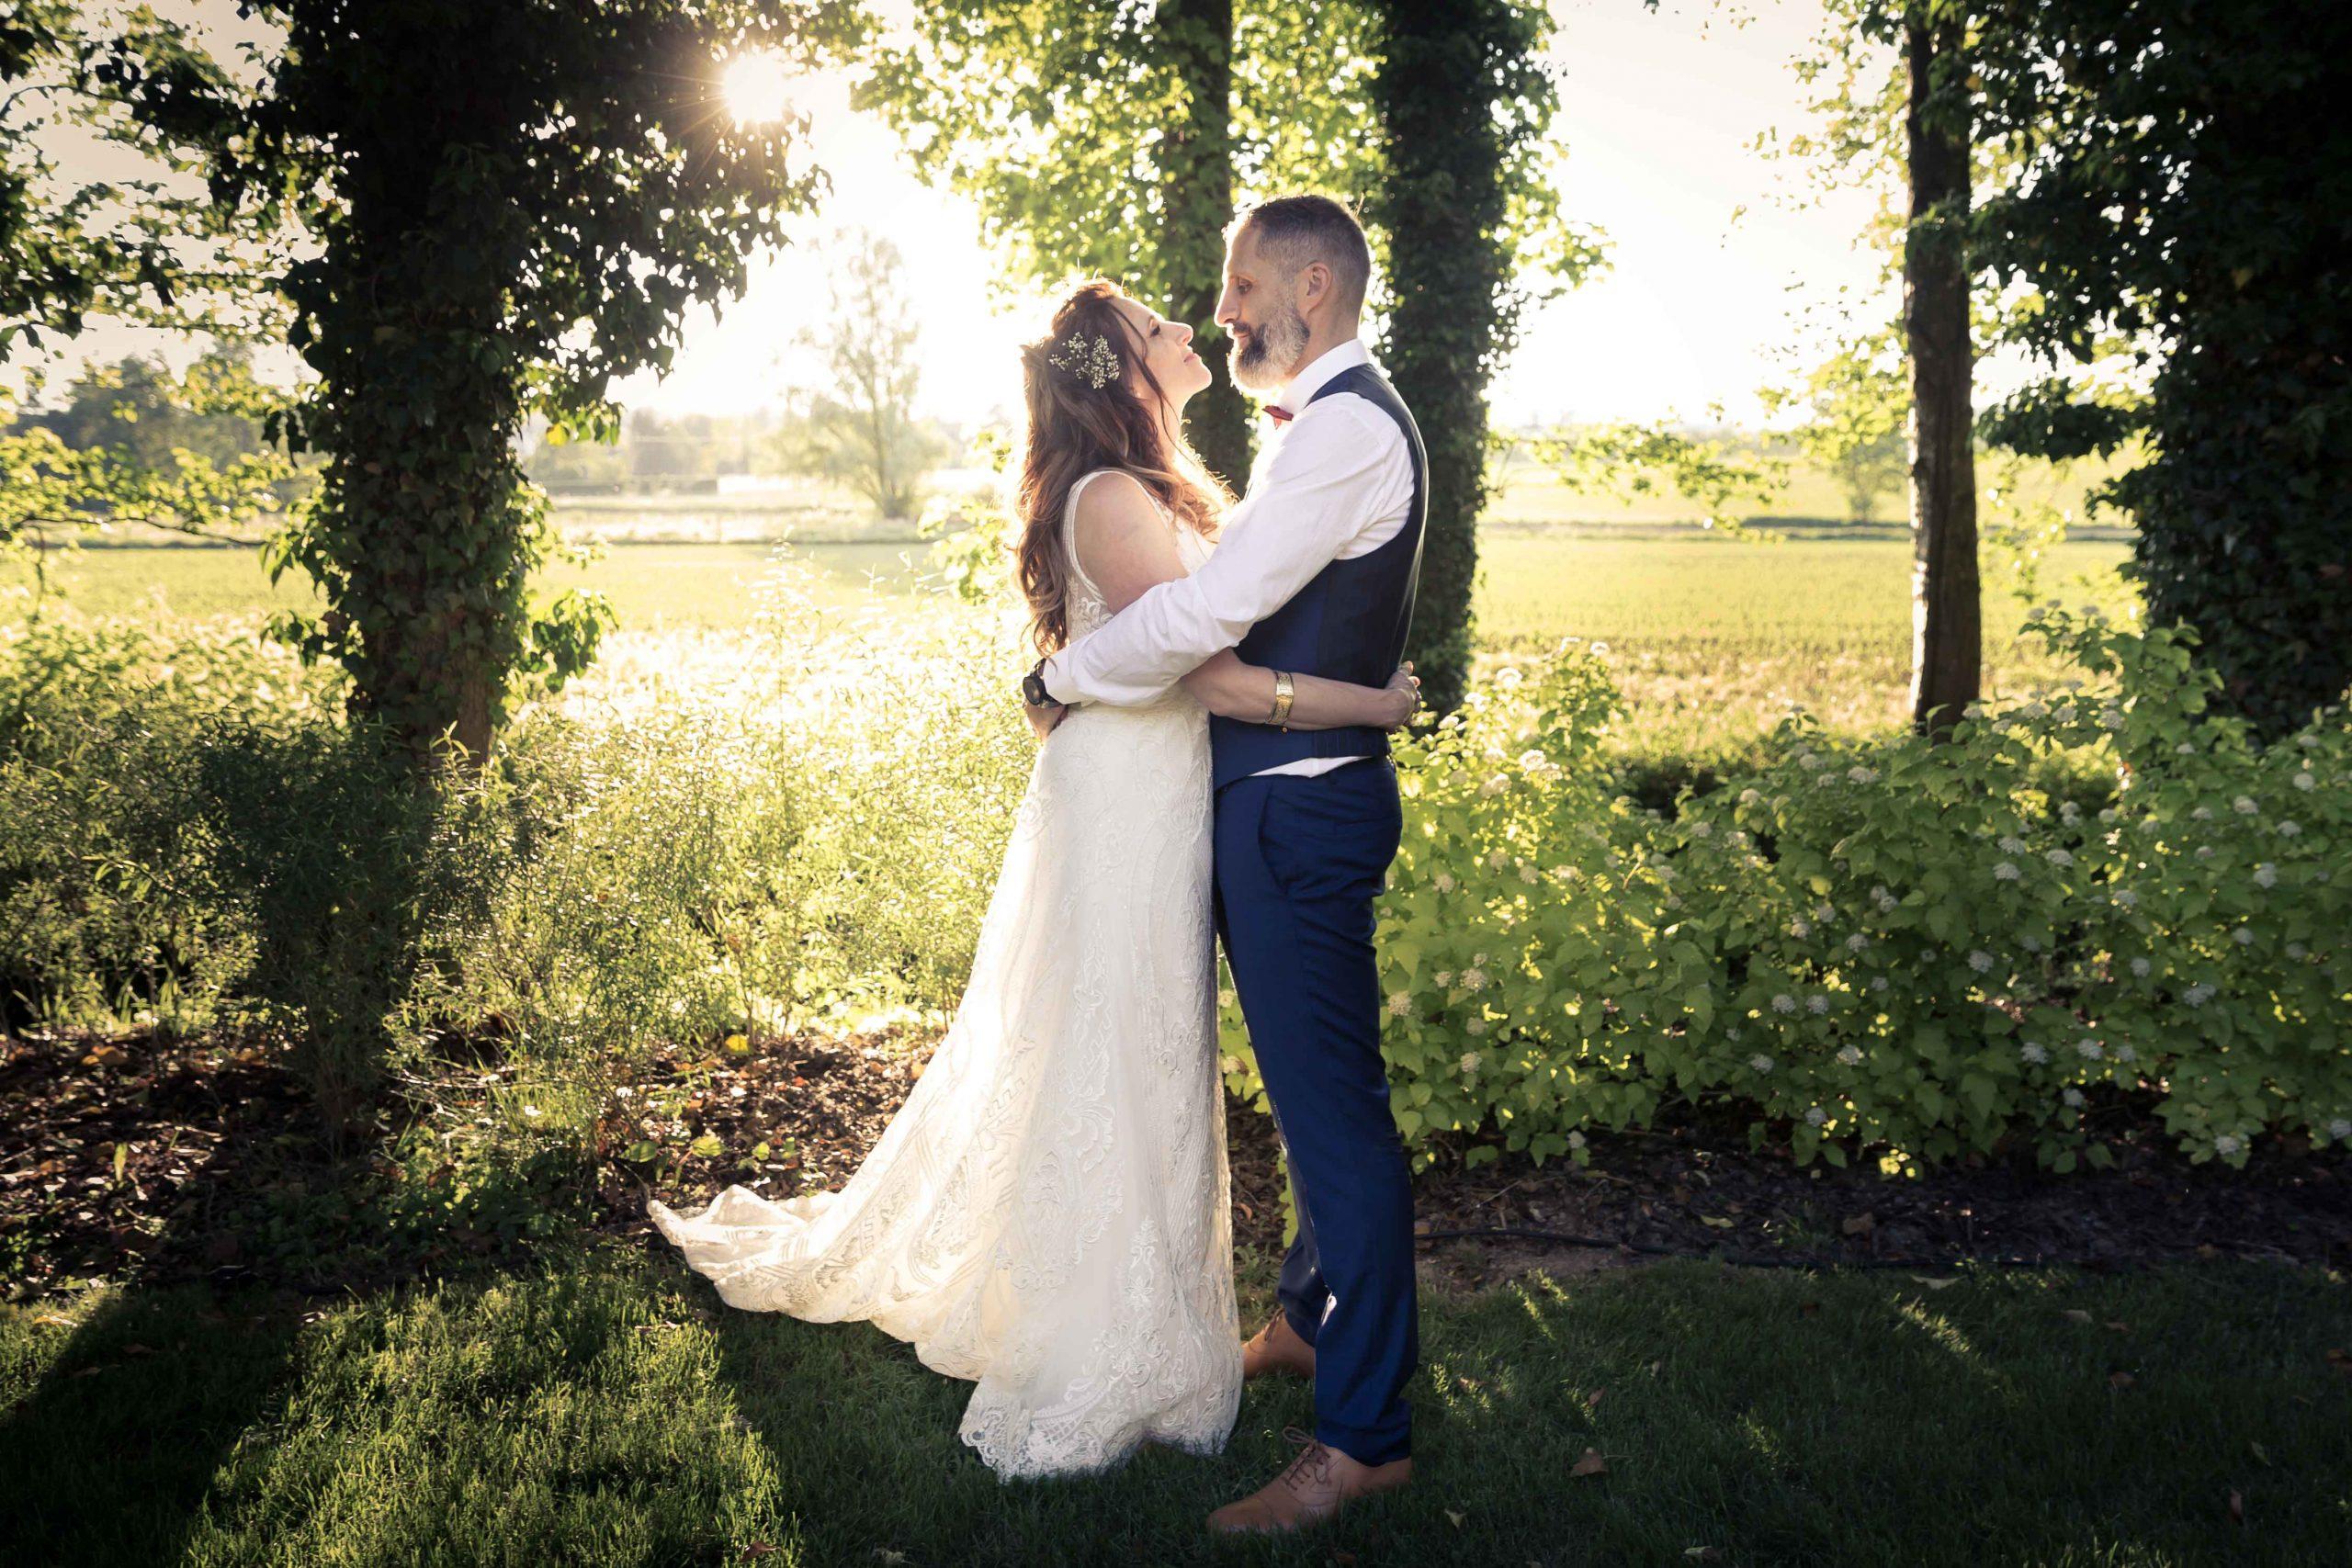 séance photo de mariage et couché de soleil en Alsace